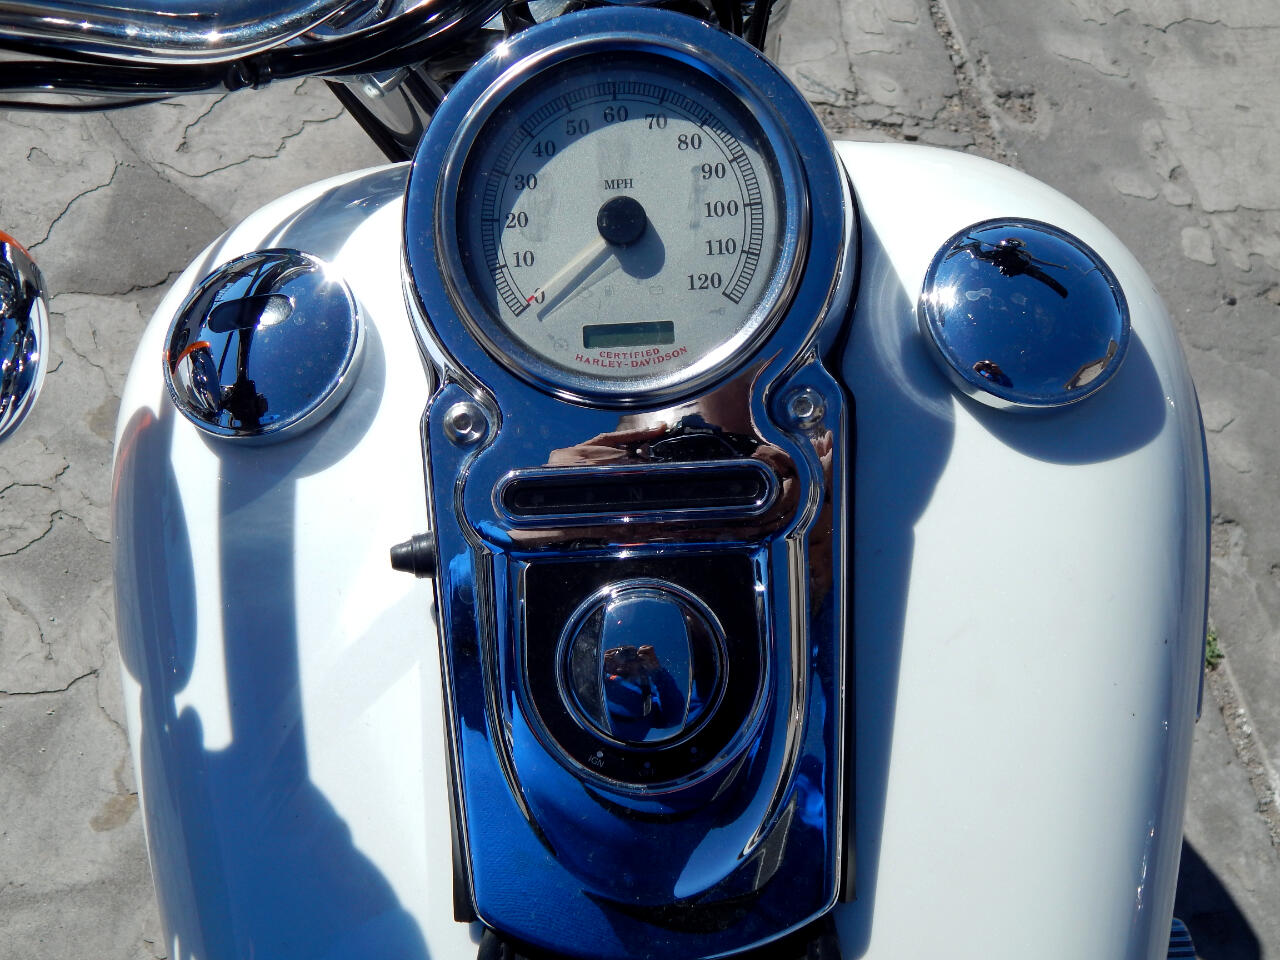 2006 Harley-Davidson FXD35